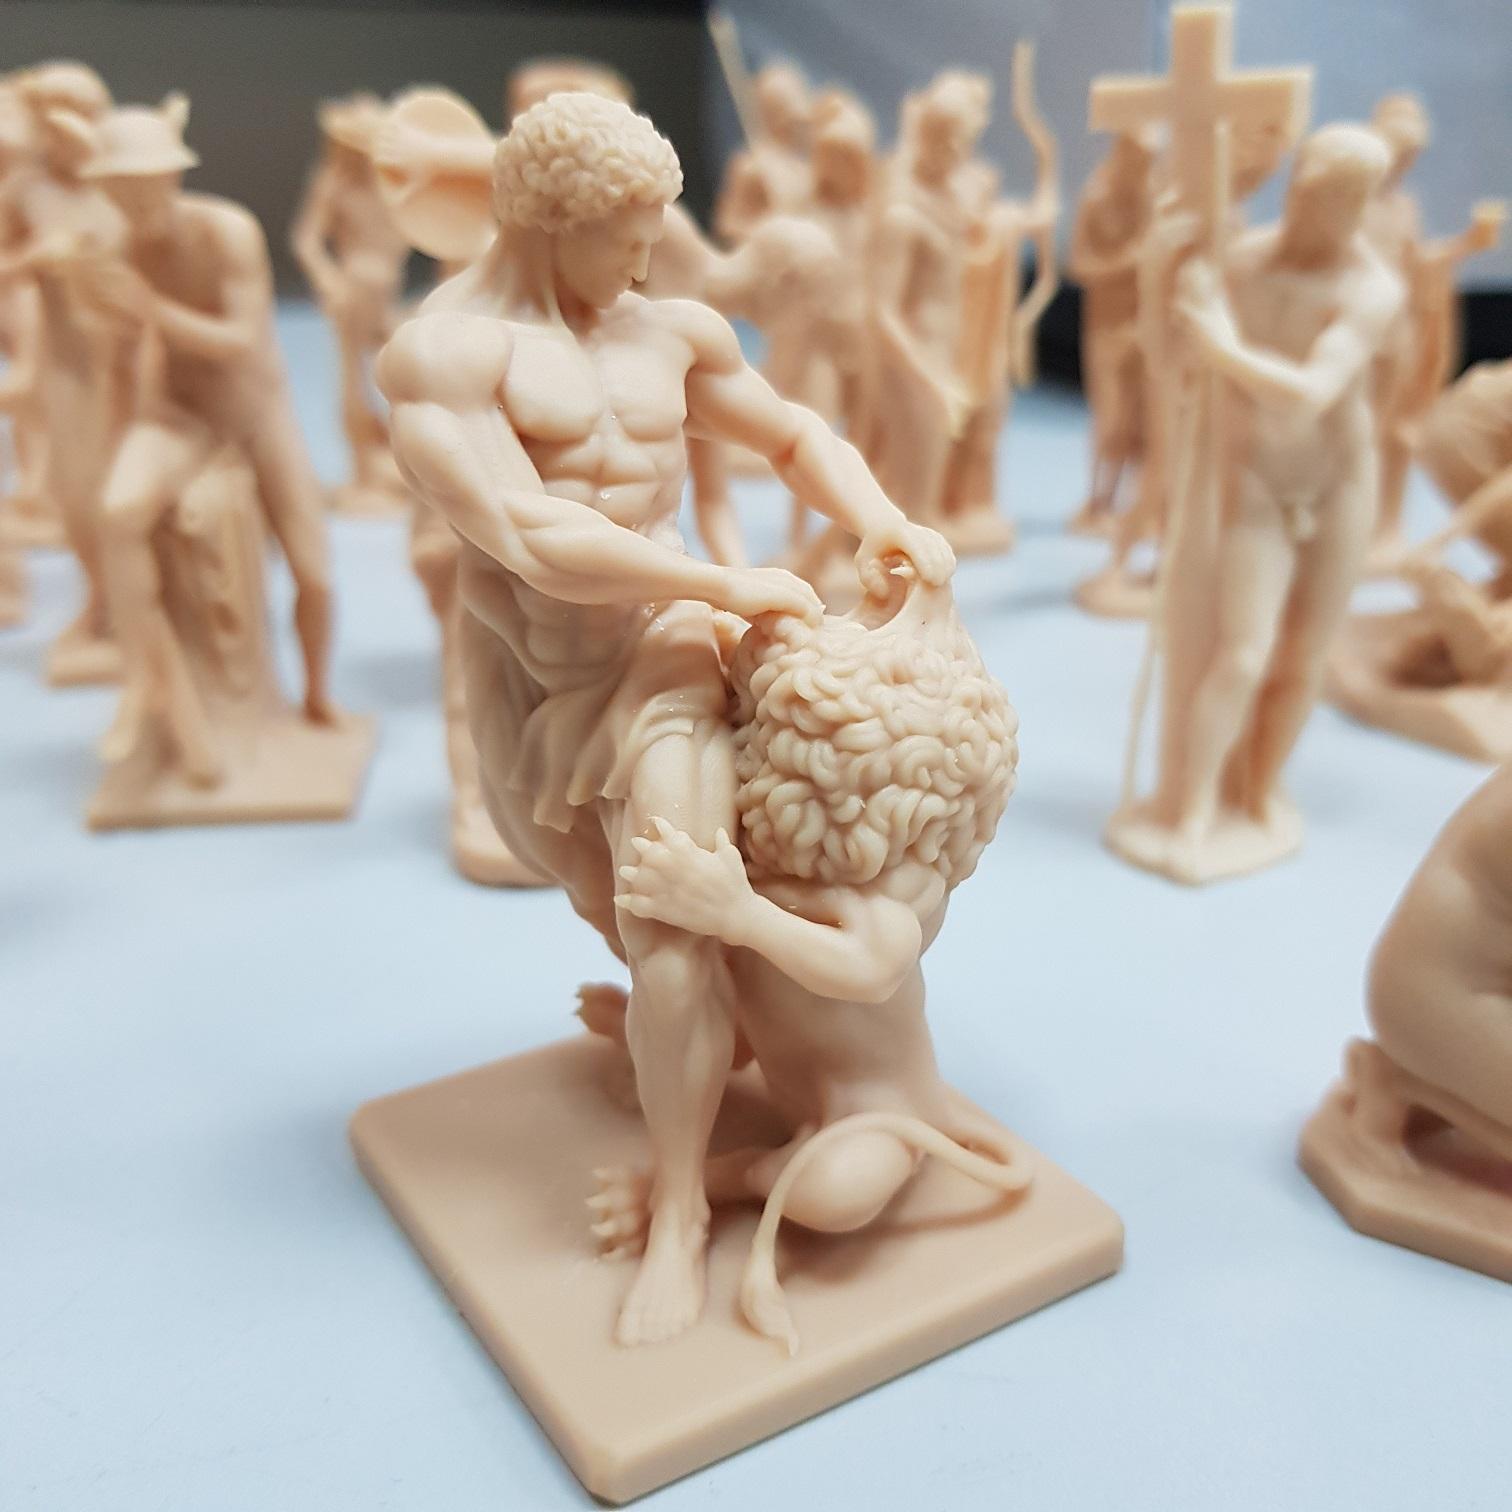 3D printing SLA/LFS